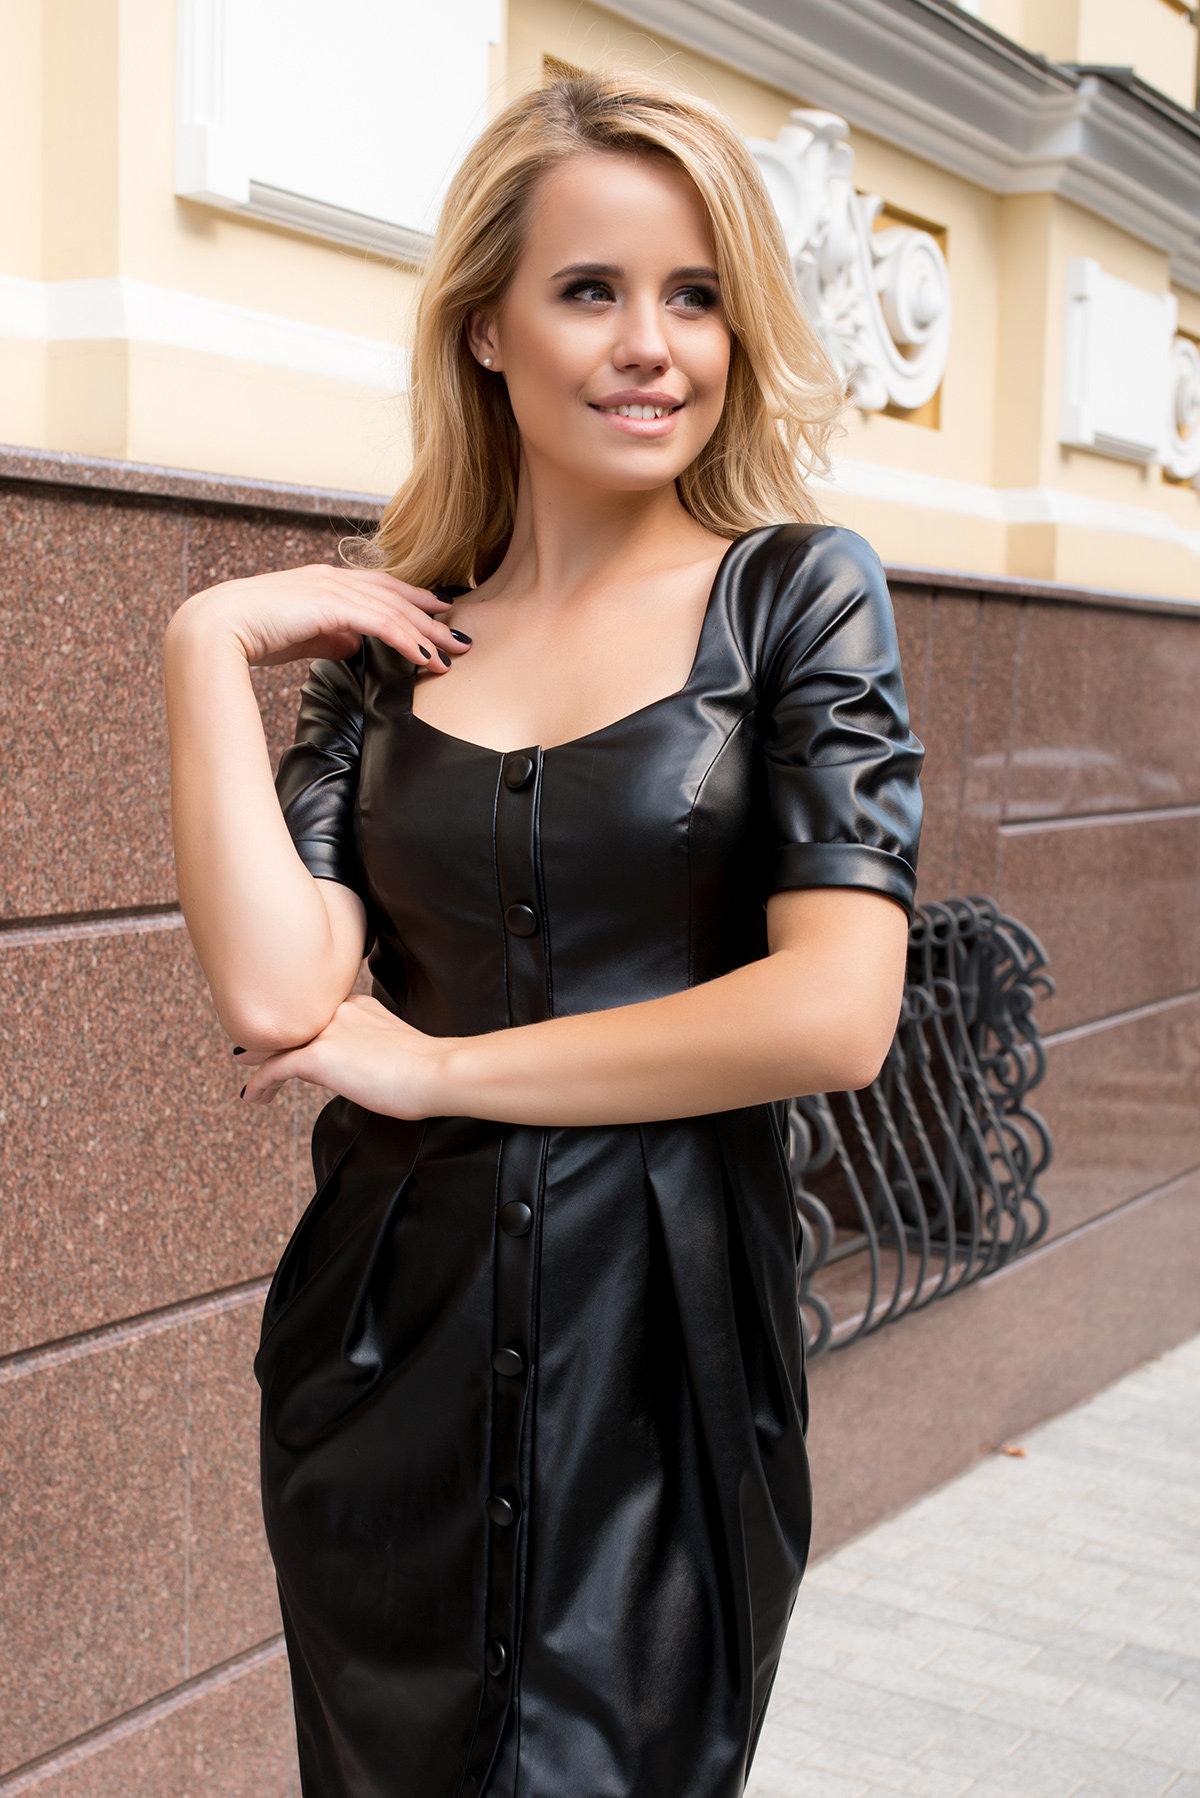 Платье-футляр из экокожи Юта 7851 АРТ. 43753 Цвет: Черный - фото 3, интернет магазин tm-modus.ru